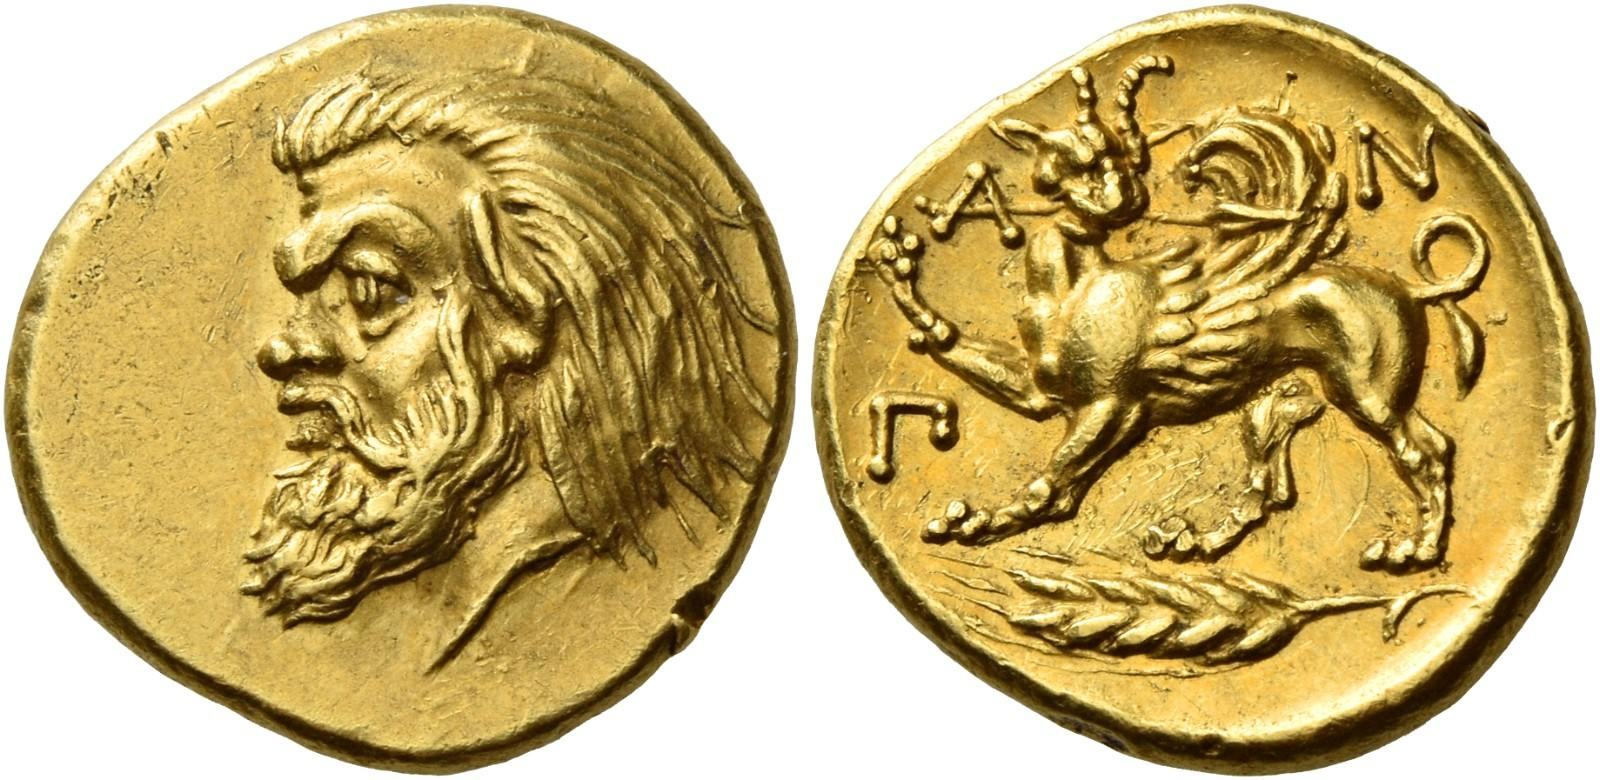 estatera-de-oro-de-chersonesos-taurico.-adjudicado-en-380.000-chf.-numismatica-ars-c